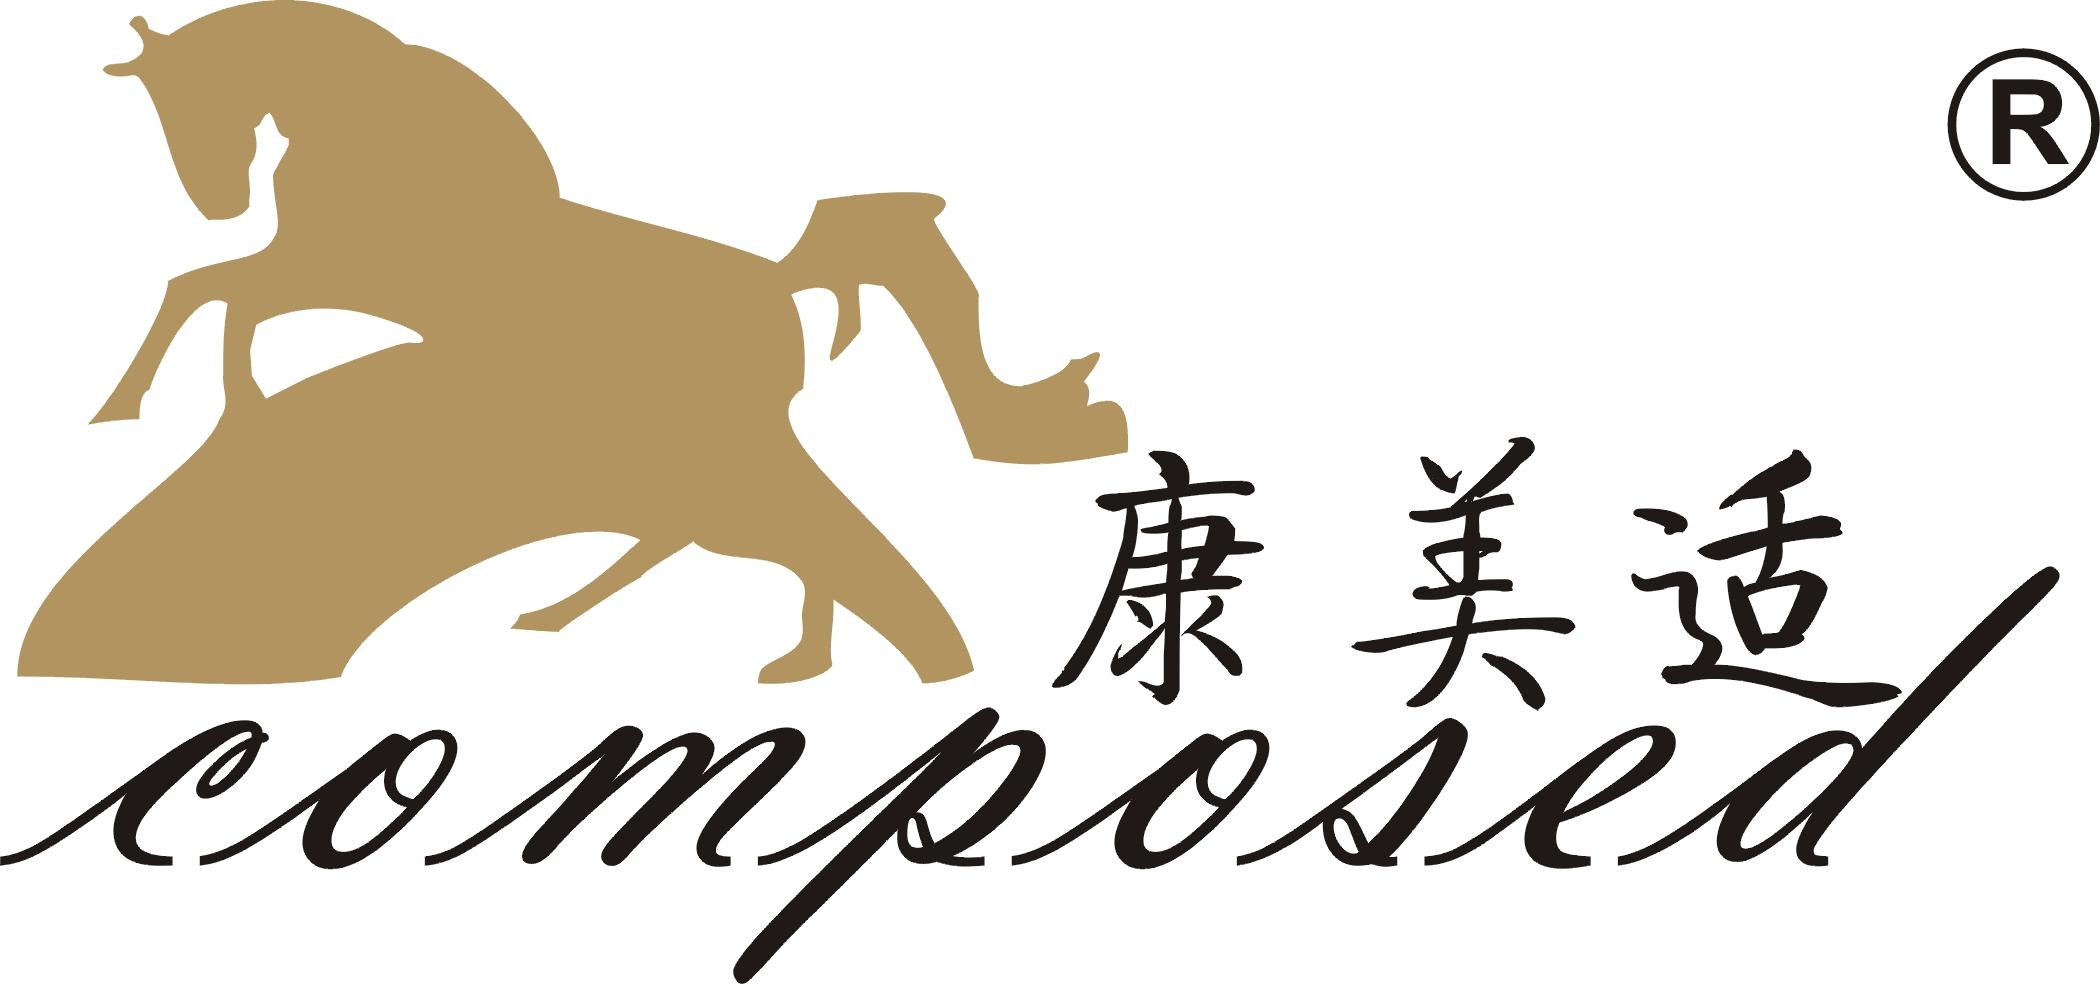 上海康驰机电设备有限公司